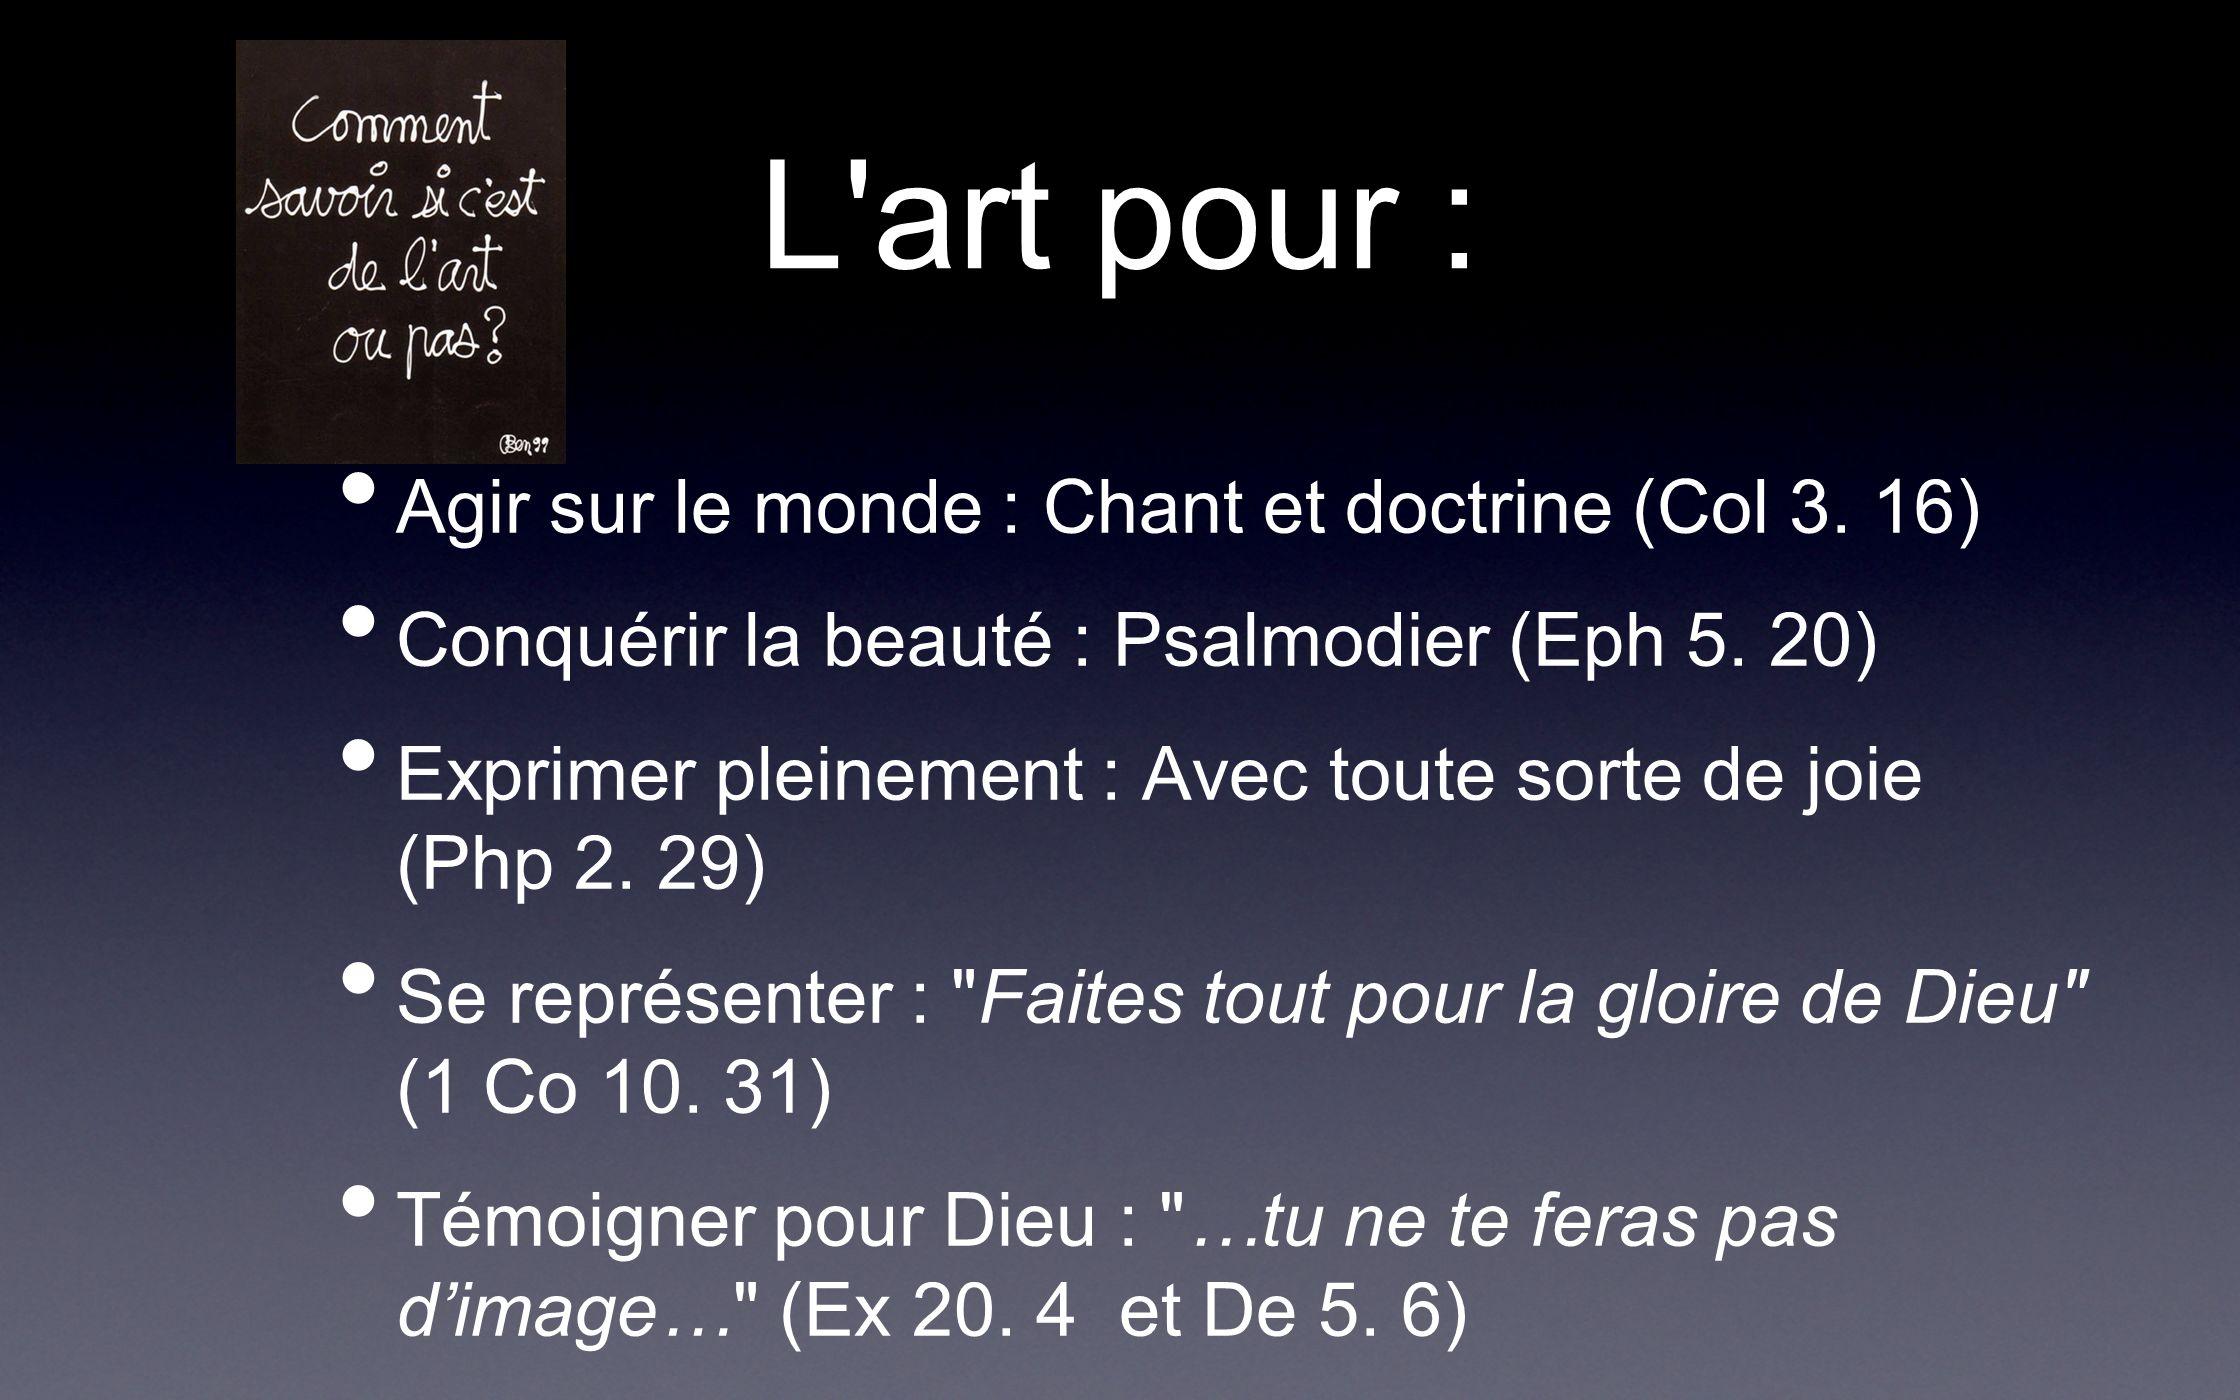 L art pour : Agir sur le monde : Chant et doctrine (Col 3. 16)